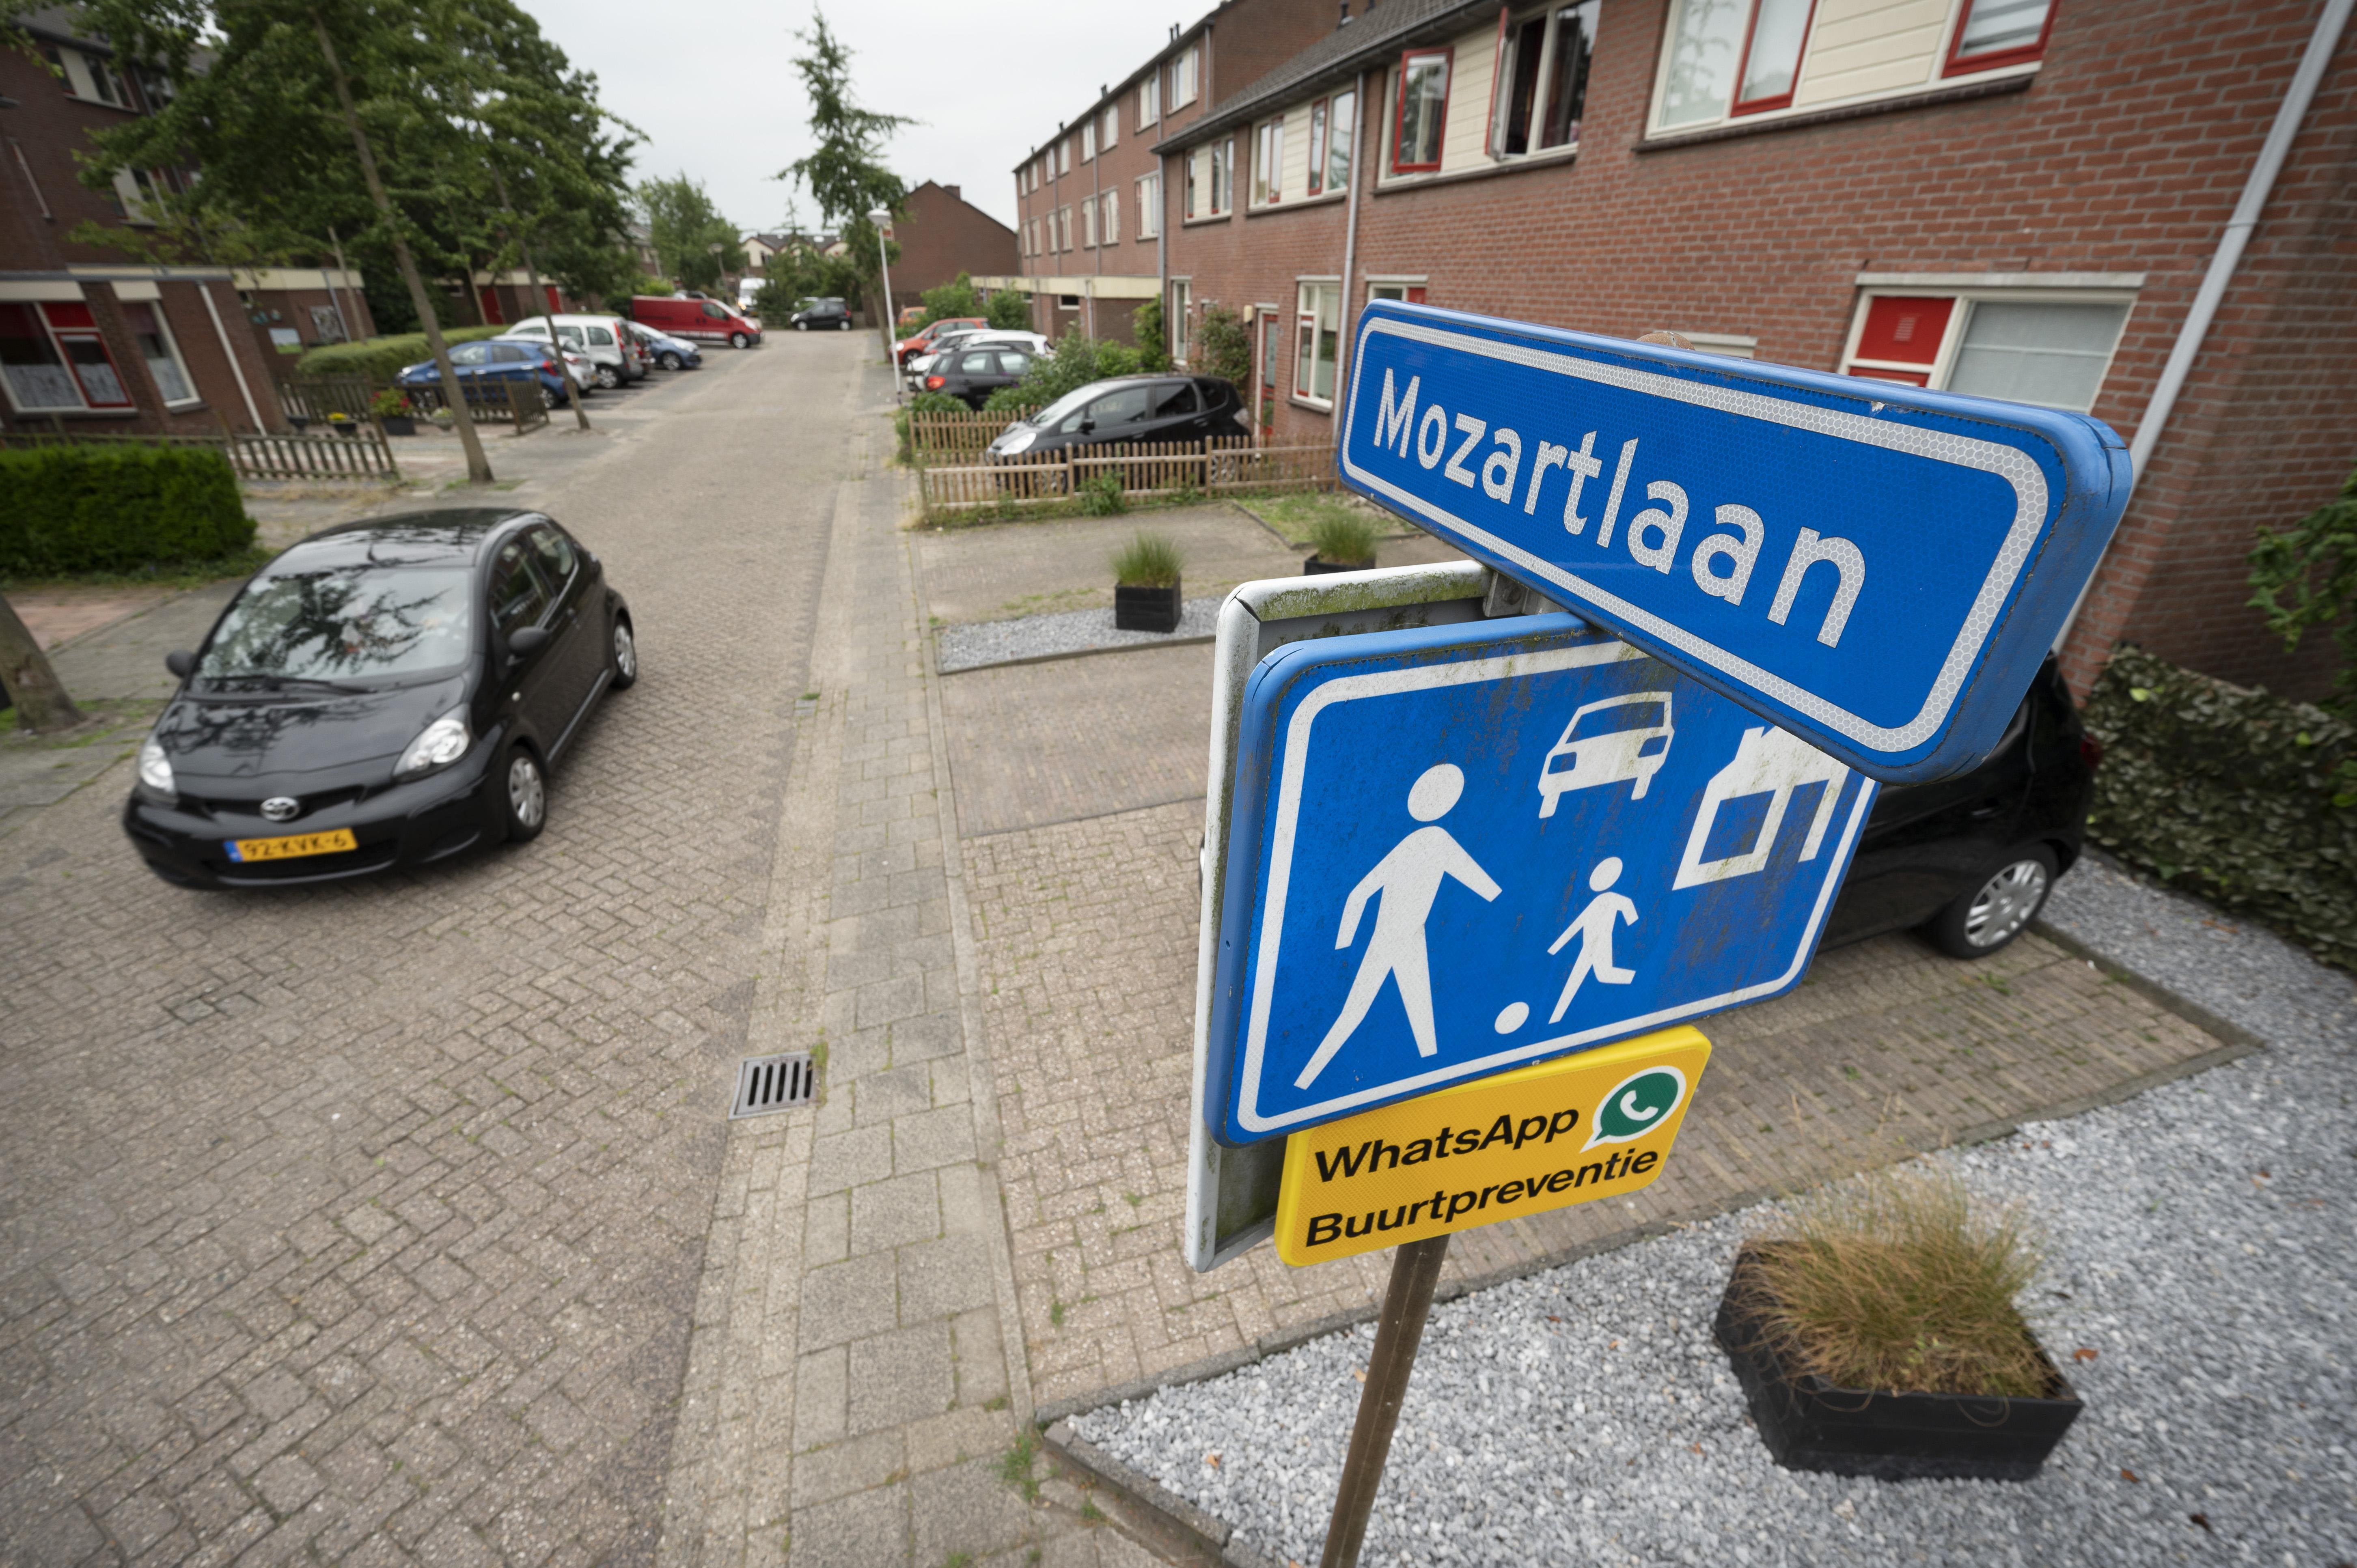 Bewoners Mozartlaan in Hazerswoude-Rijndijk zijn hardrijders zat: 'Hier spelen heel veel kinderen'